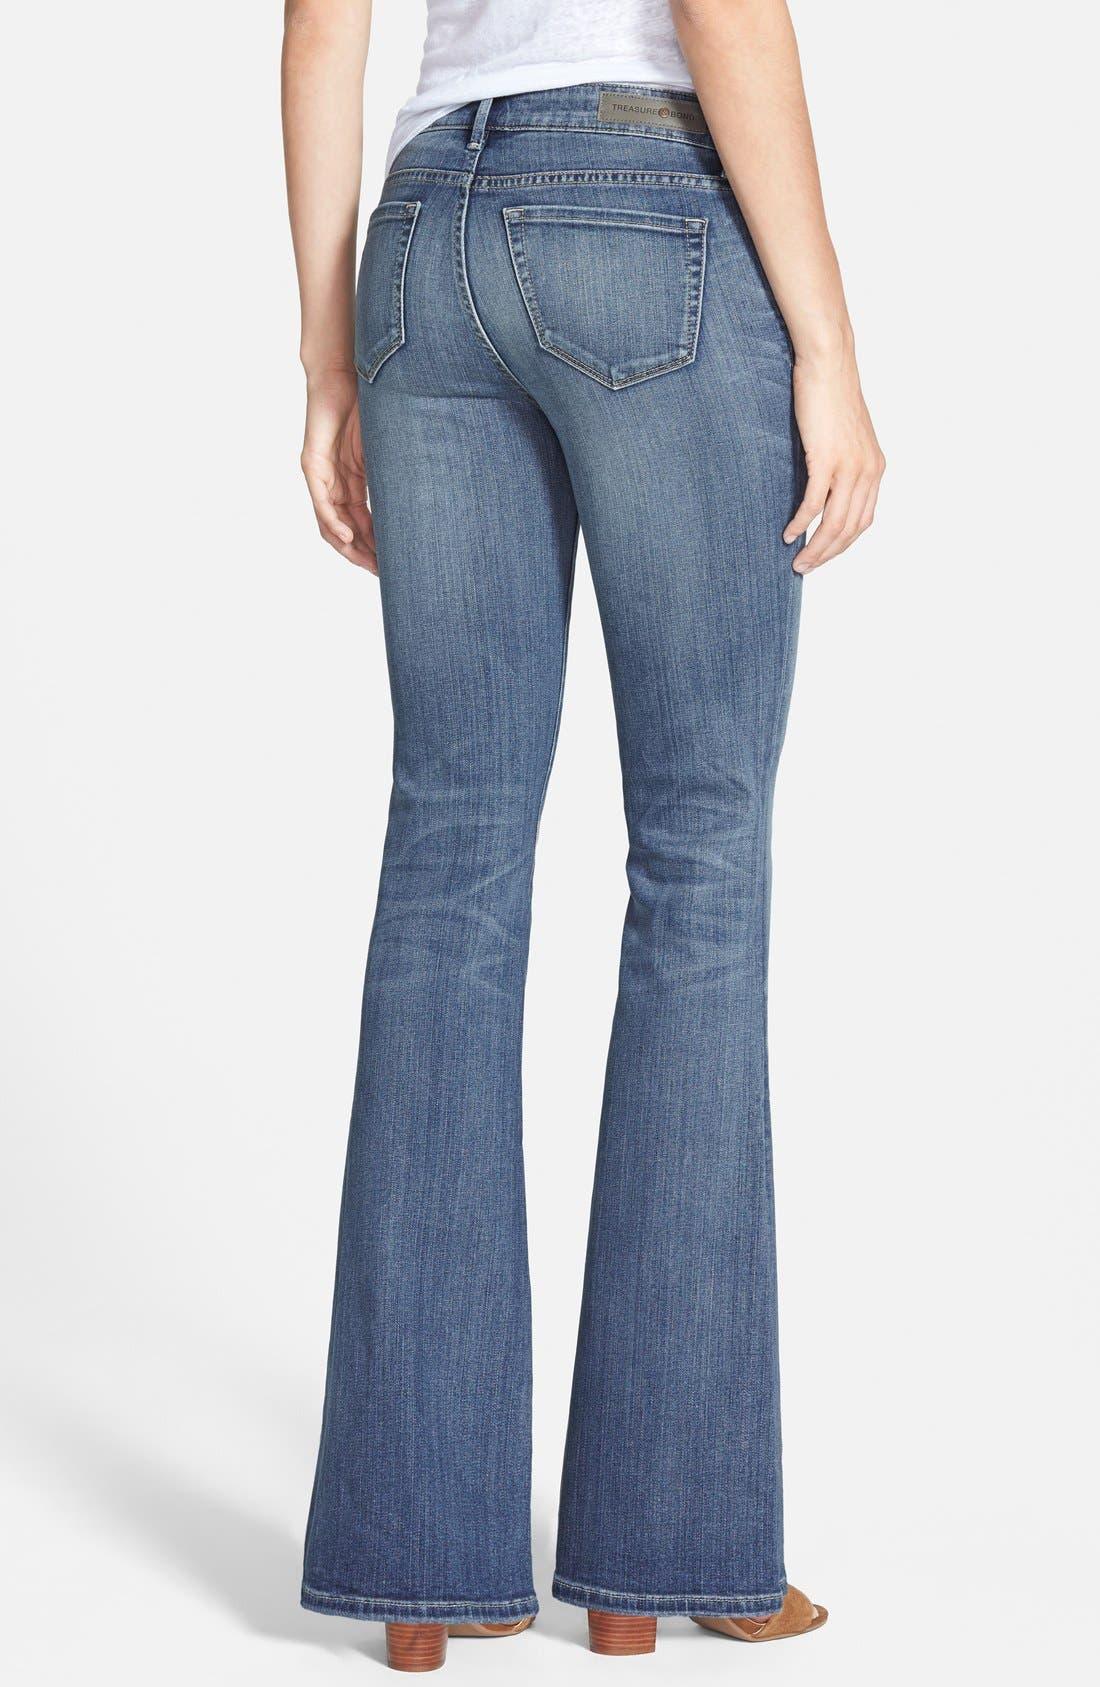 Alternate Image 2  - Treasure&Bond Skinny Flare Jeans (Mode Medium Vintage)